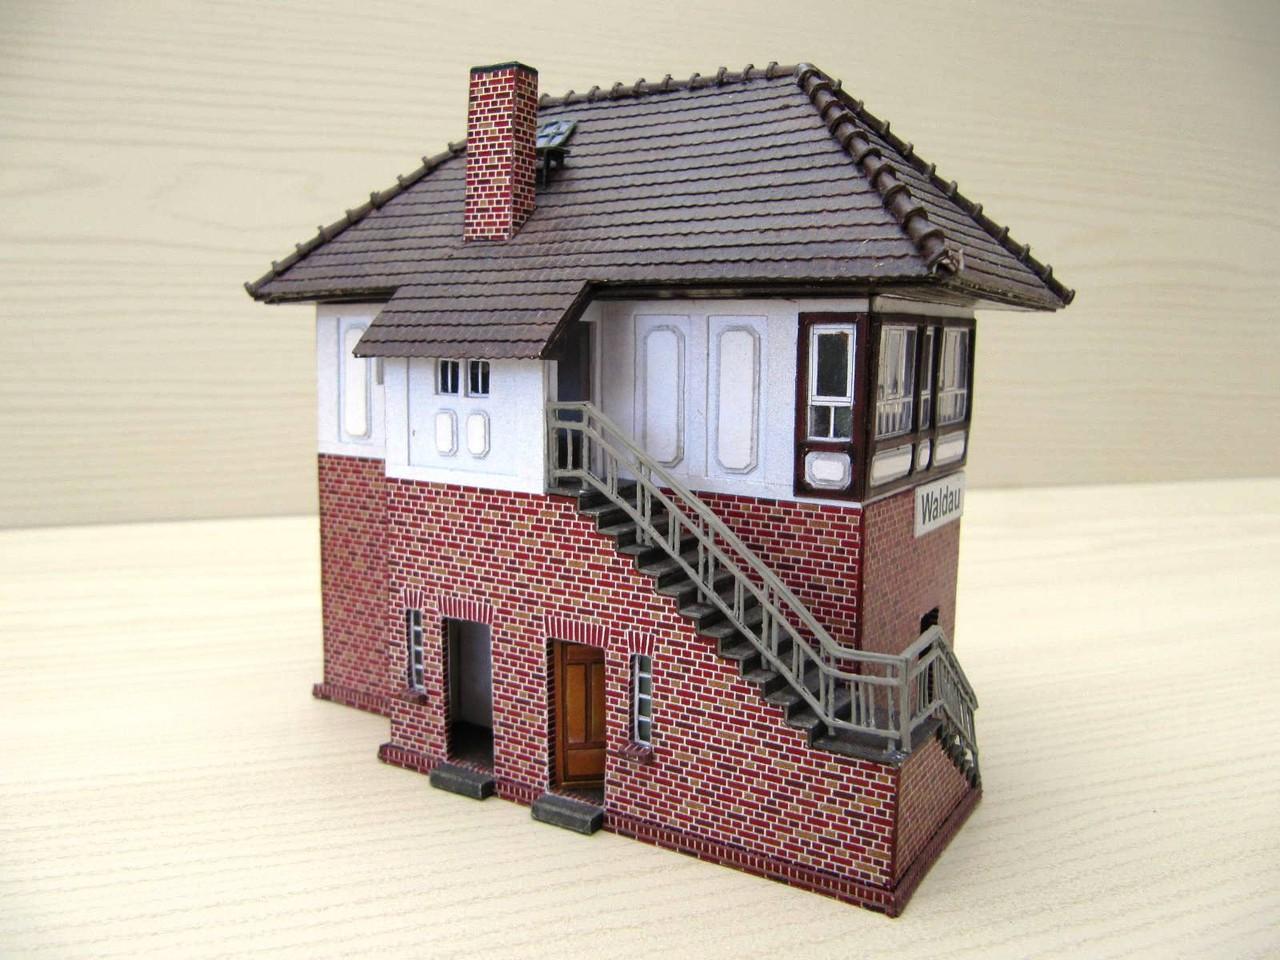 (c) W. Fehse - Außentreppe und verlängertes Dach 1:87 (H0)